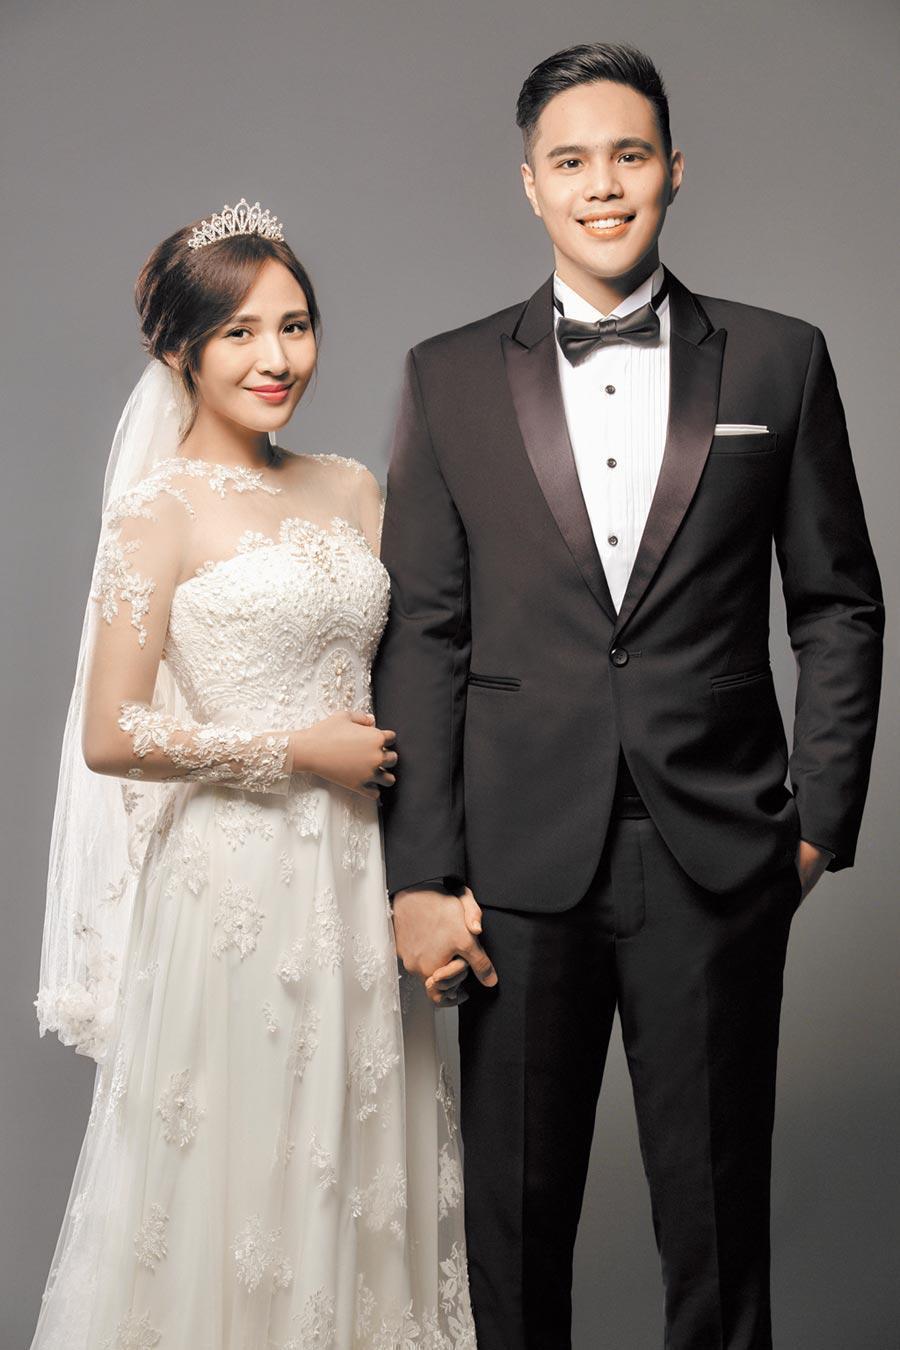 梁文音(左)2016年與張念平(右)完婚,兩人郎才女貌,如今卻驚爆婚外情離婚。(環球音樂提供)